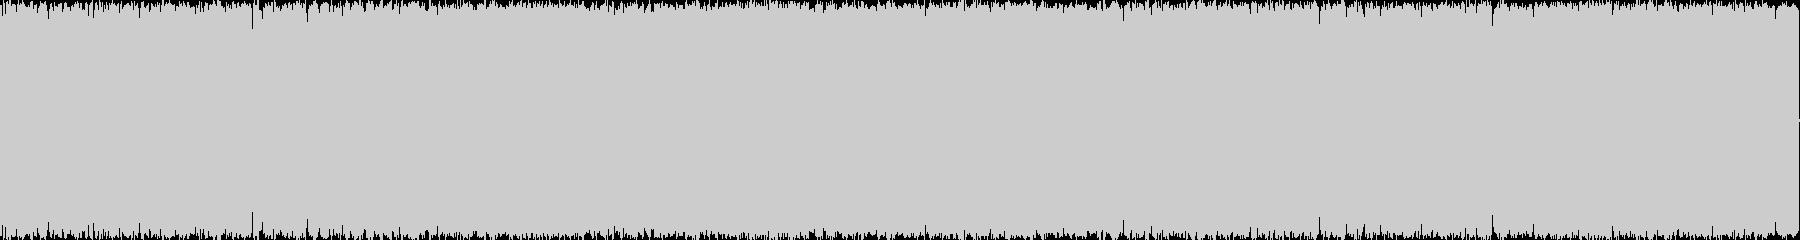 スマホゲー向きのピコピコ系ステージBGMの未再生の波形